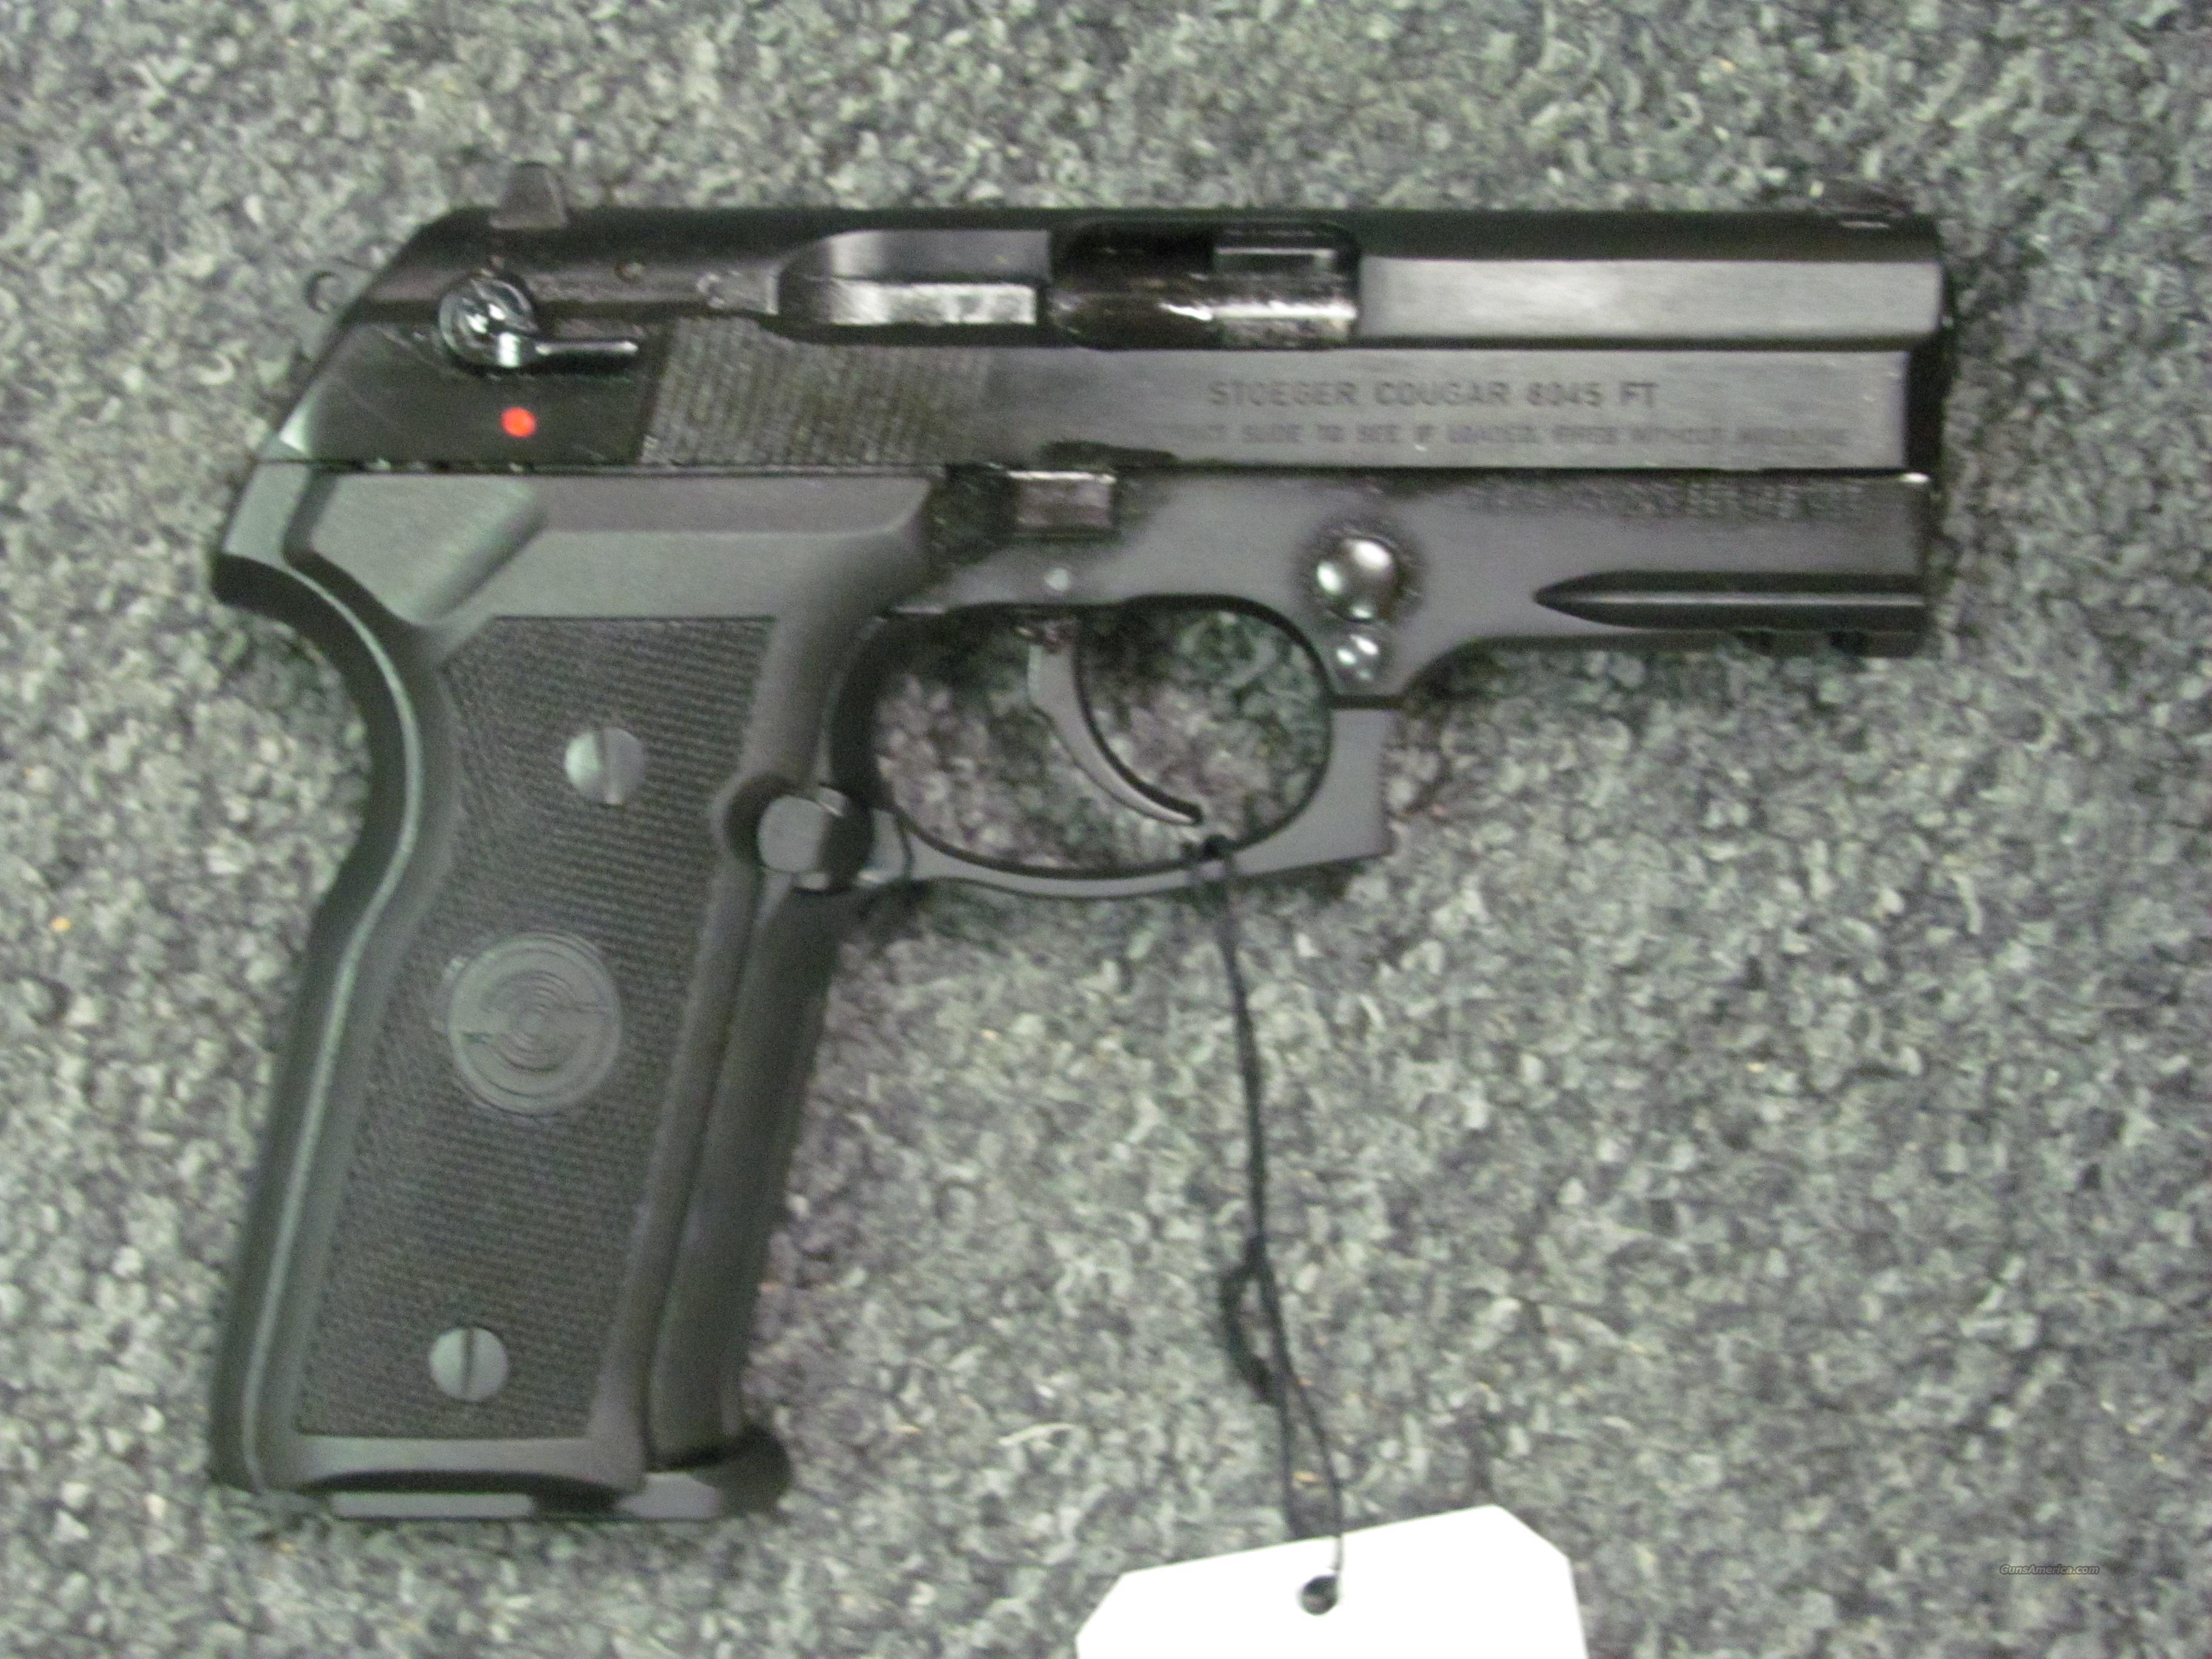 Stoeger cougar 8045ft 31704 guns gt pistols gt beretta pistols gt model